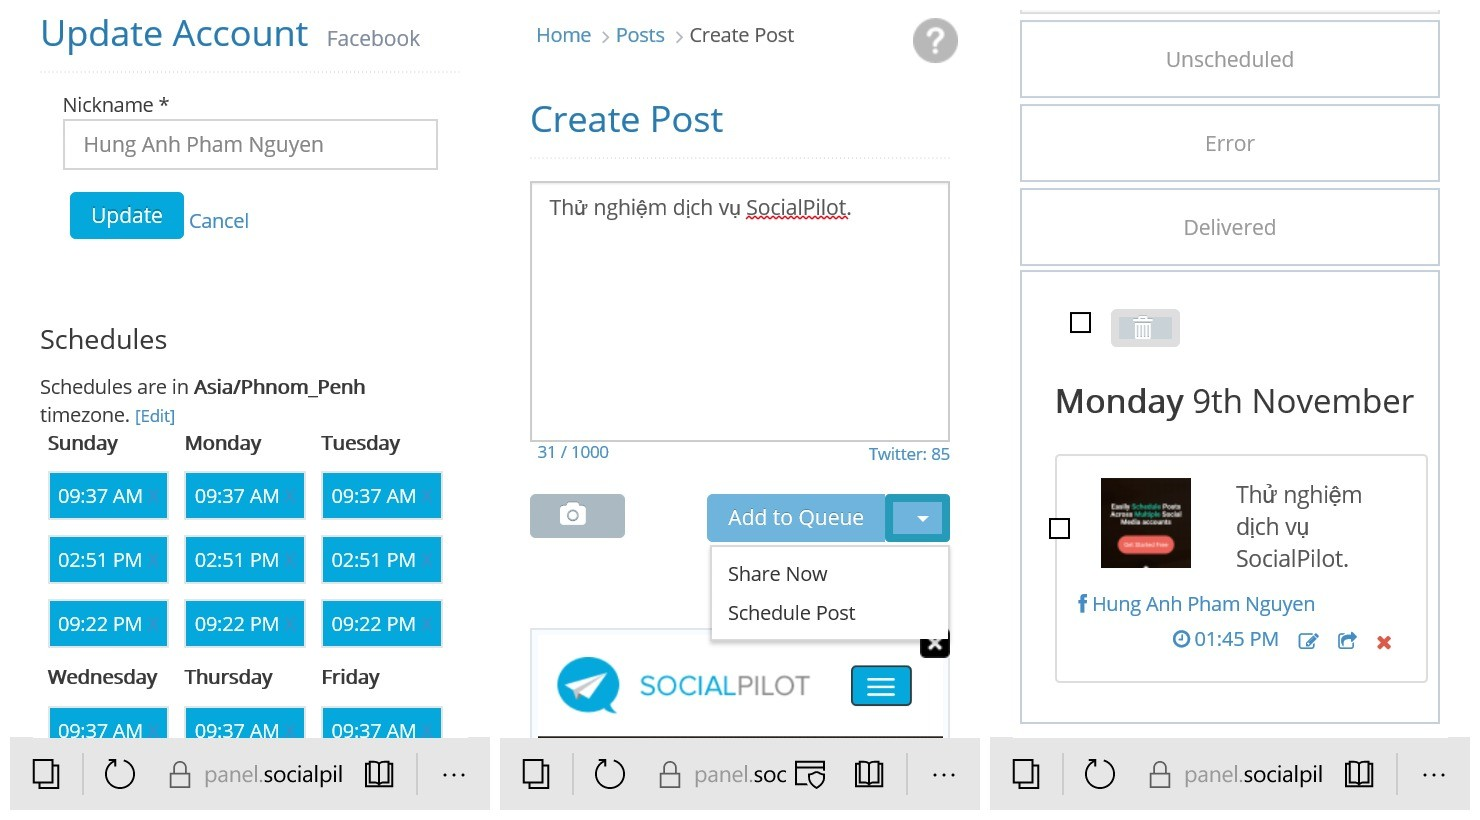 tu dong post bai facebook - Hướng dẫn lên lịch đăng bài Facebook, Tumblr